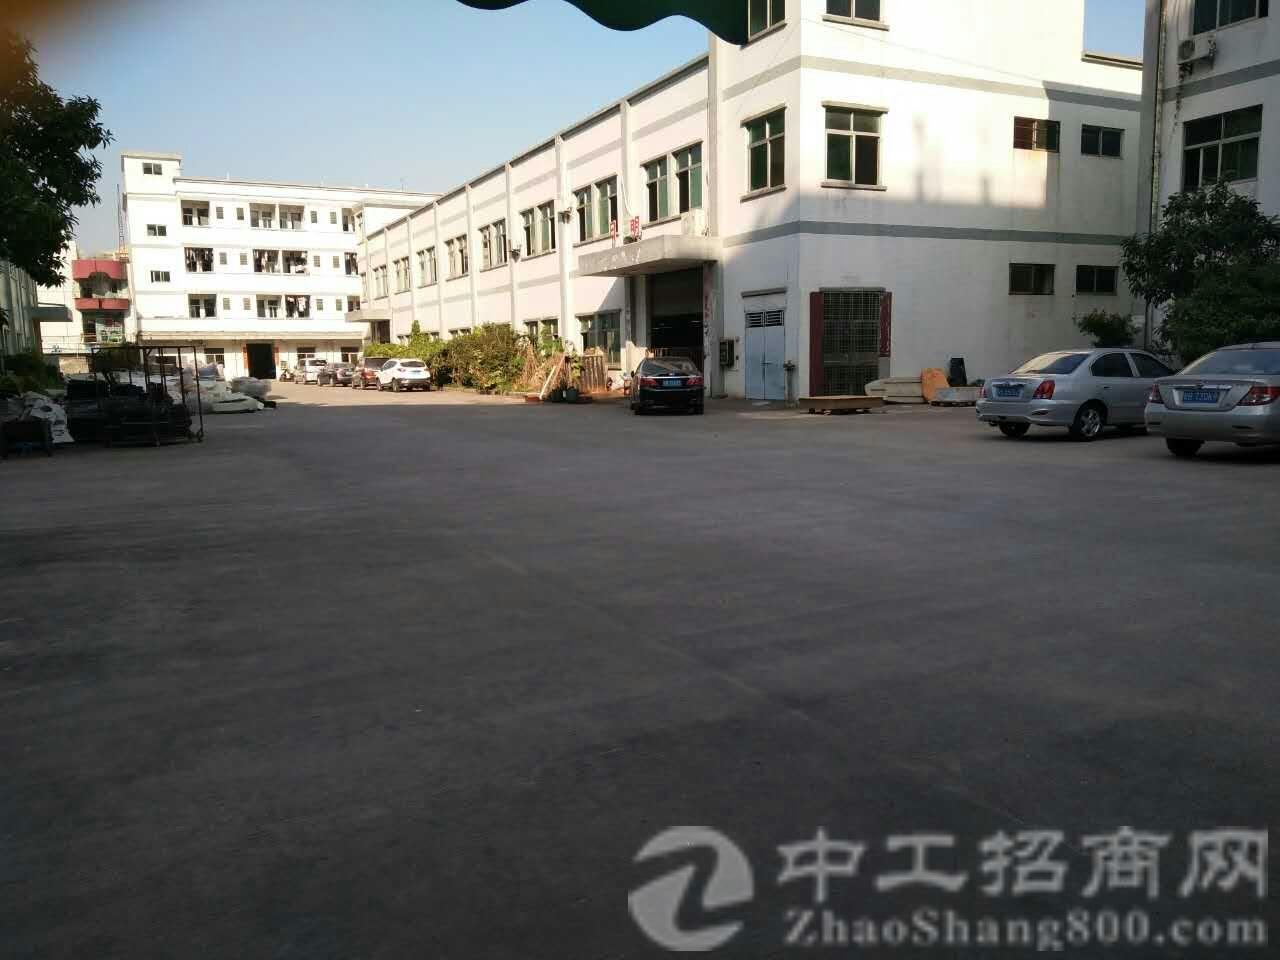 东莞市茶山镇现出一独院面积5700平方米厂房合同期超长-图2